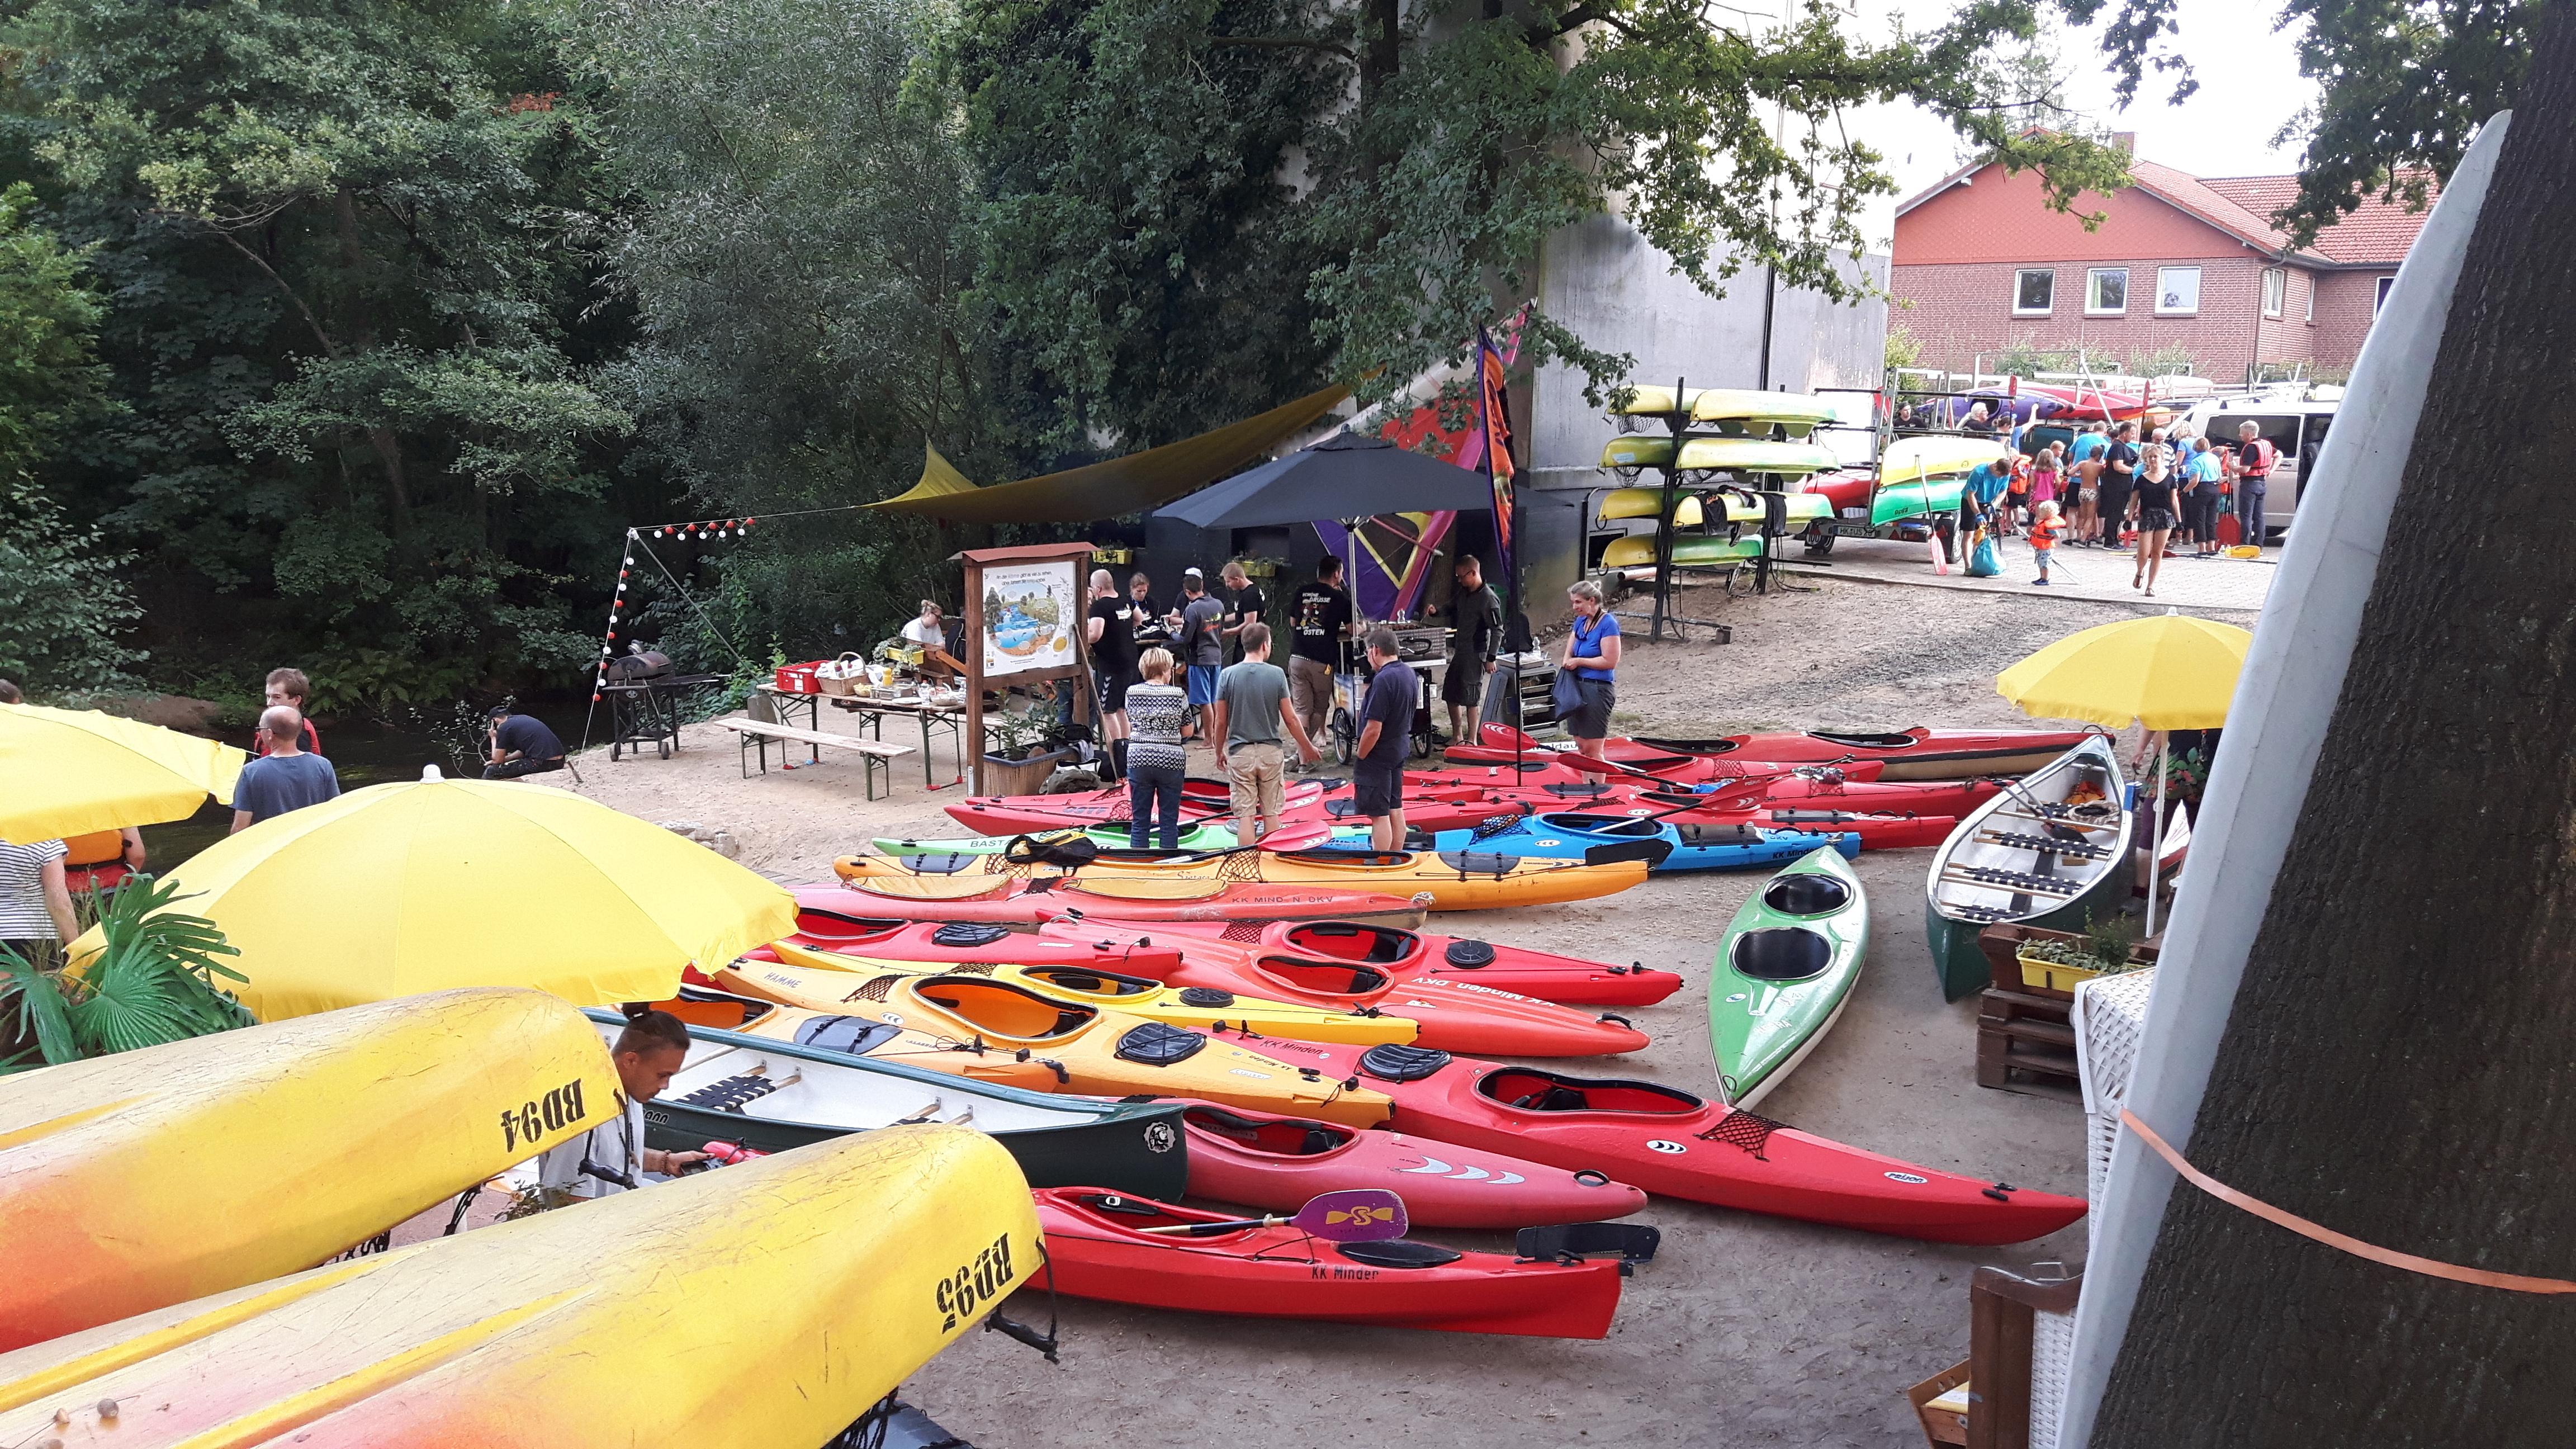 Bootsstation Dorfmark - Bootsplatz Bommühle